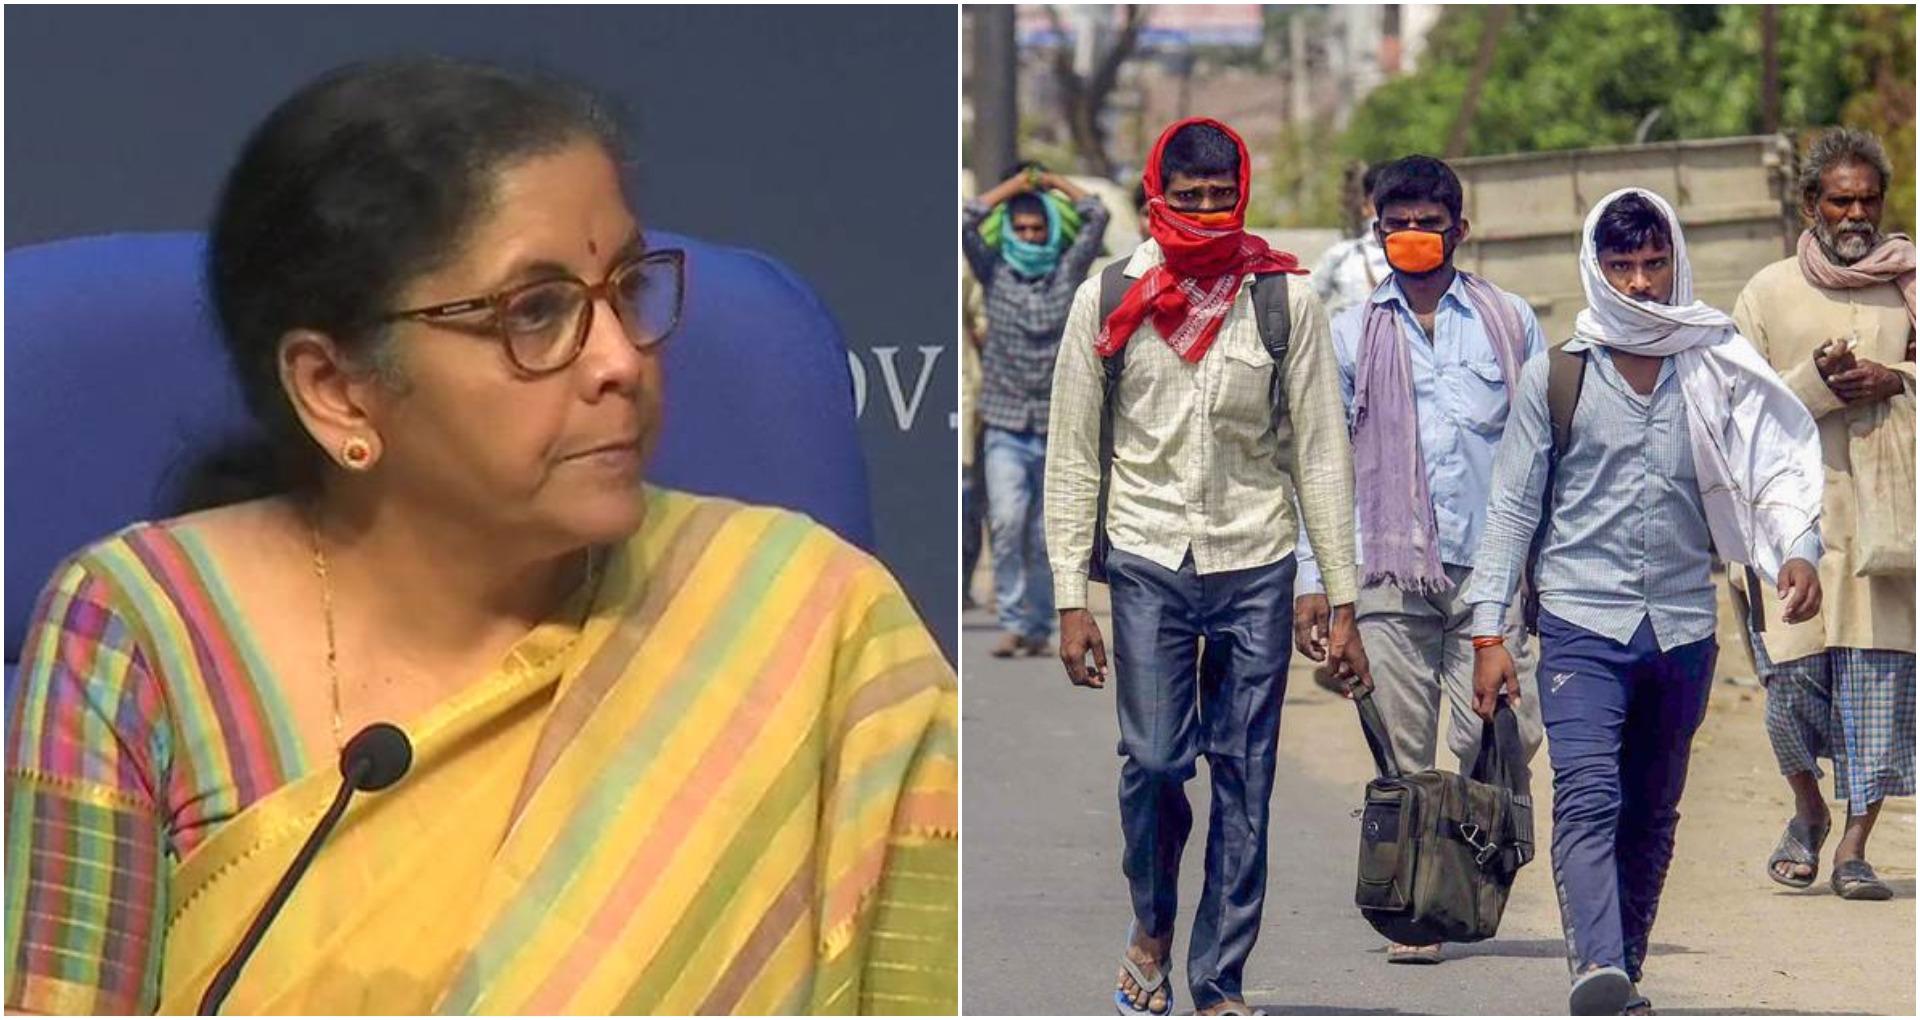 Aatmanirbhar Bharat Abhiyan Highlights: अगले 2 महीनों के लिए प्रवासी मजदूर को मुफ्त राशन: वित्त मंत्री